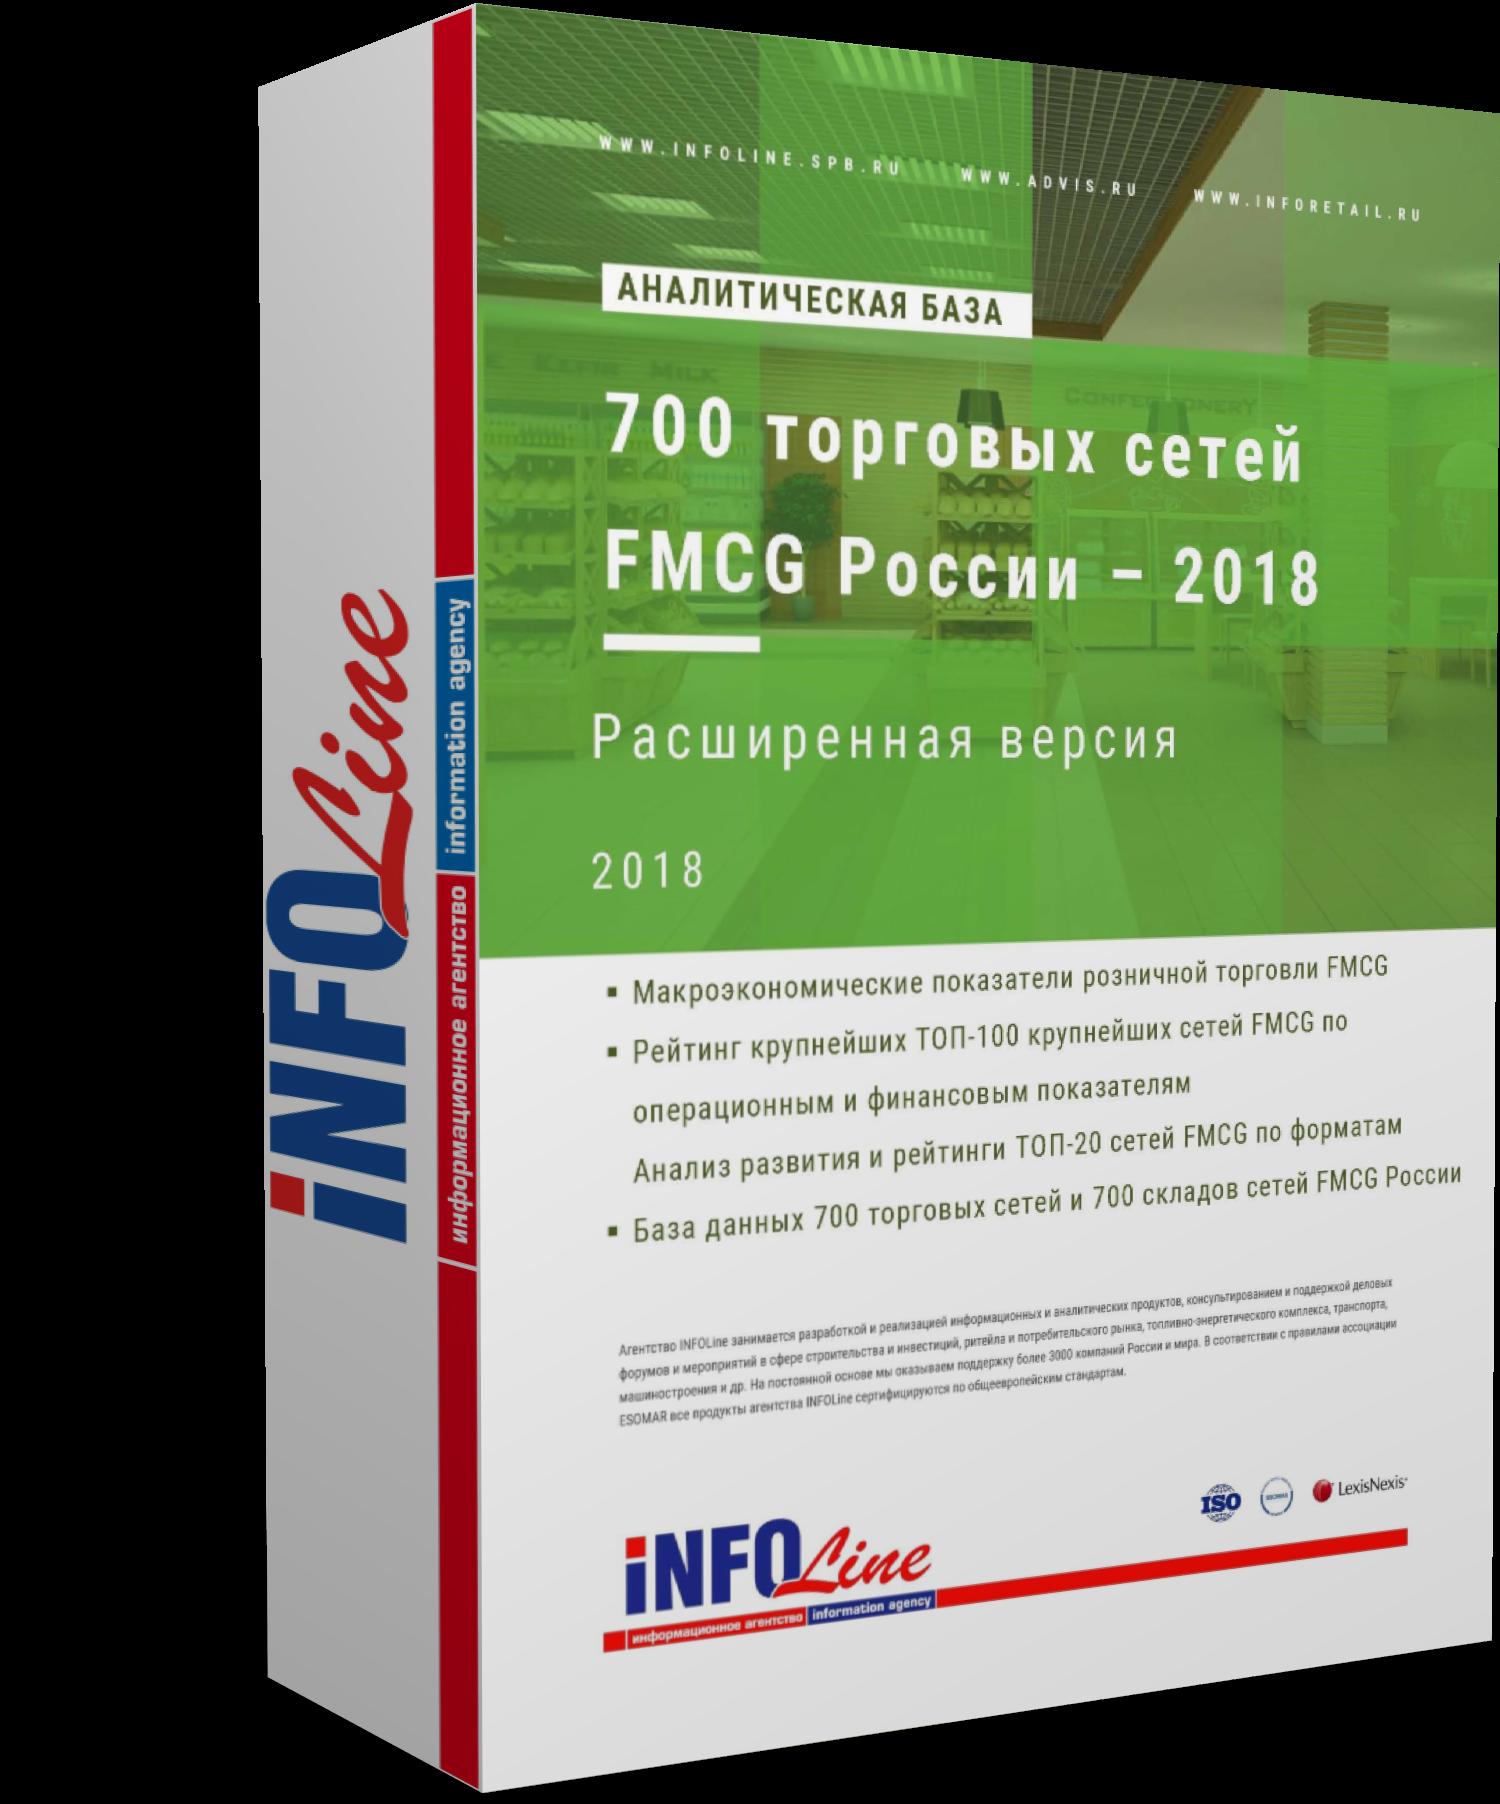 Аналитическая база: 700 торговых сетей FMCG России – 2018. Расширенная версия